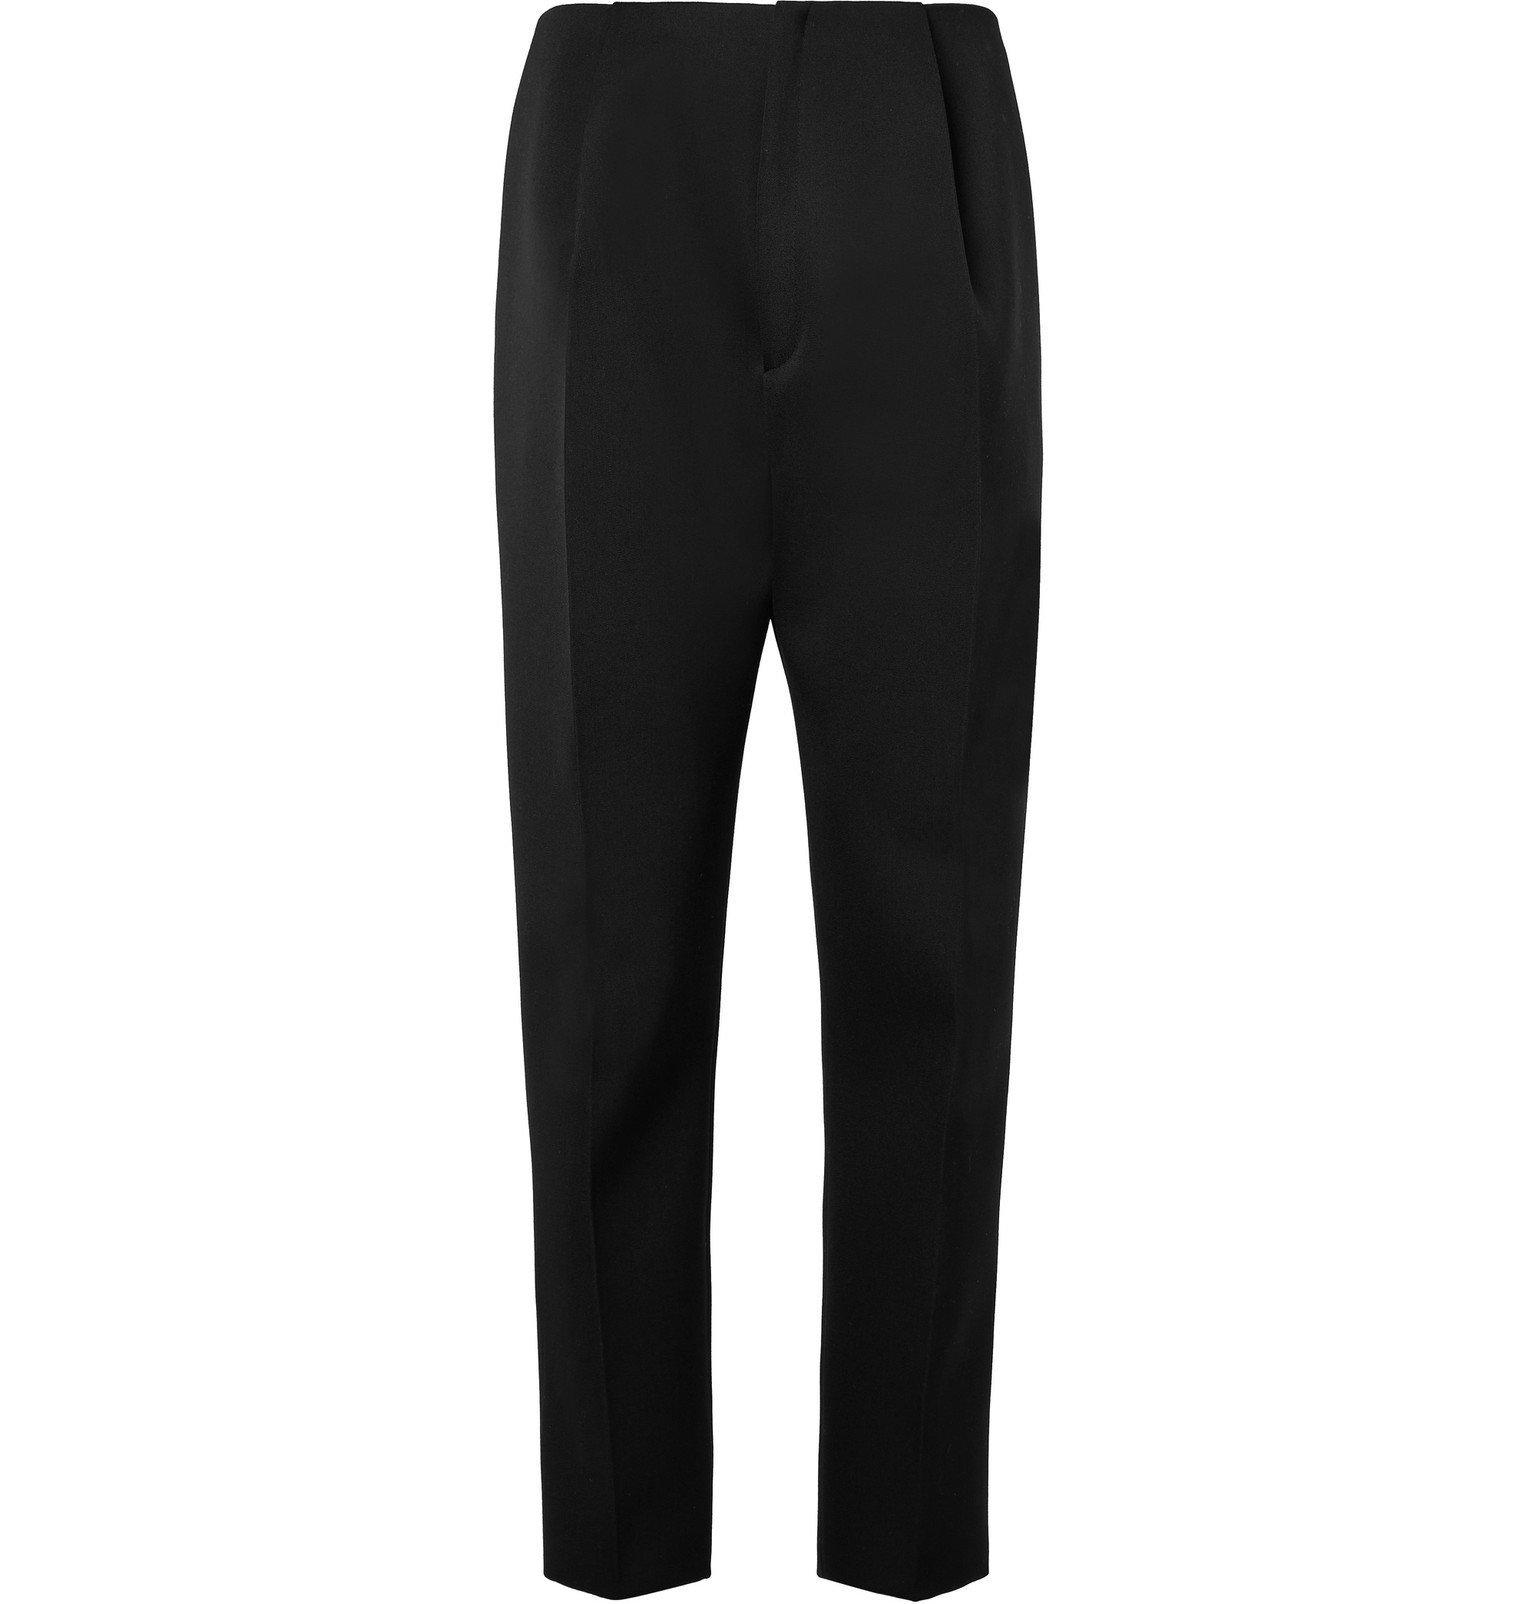 Bottega Veneta - Black Slim-Fit Pleated Wool Trousers - Black